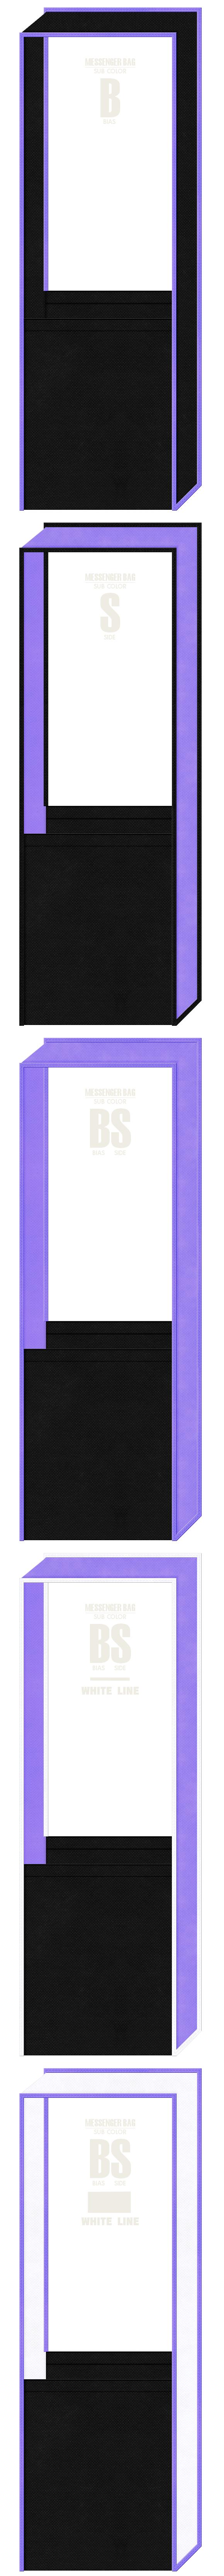 不織布メッセンジャーバッグのカラーシミュレーション(黒色・薄紫色・白色):展示会用バッグ(アニメ・コスプレ・ウィッグ)、スポーツイベントにお奨めです。